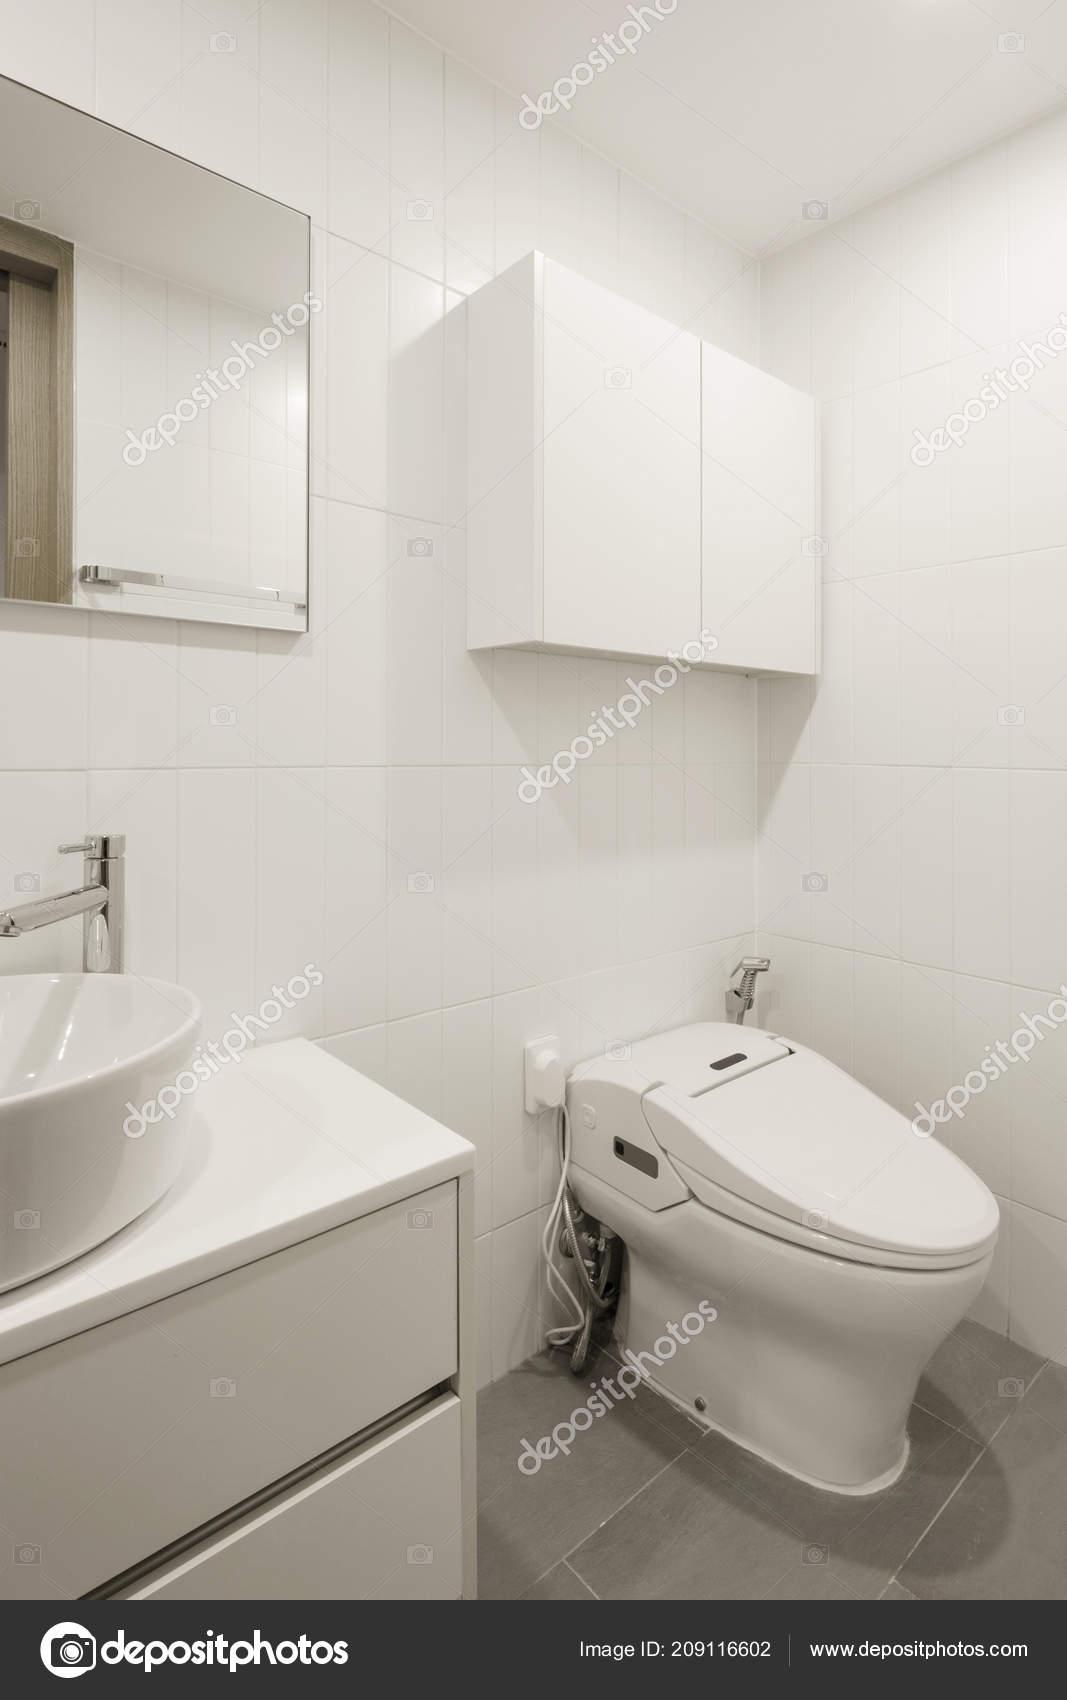 Weißes Badezimmer   Weisses Badezimmer Mit Innenraum Stockfoto C Earlyspring 209116602